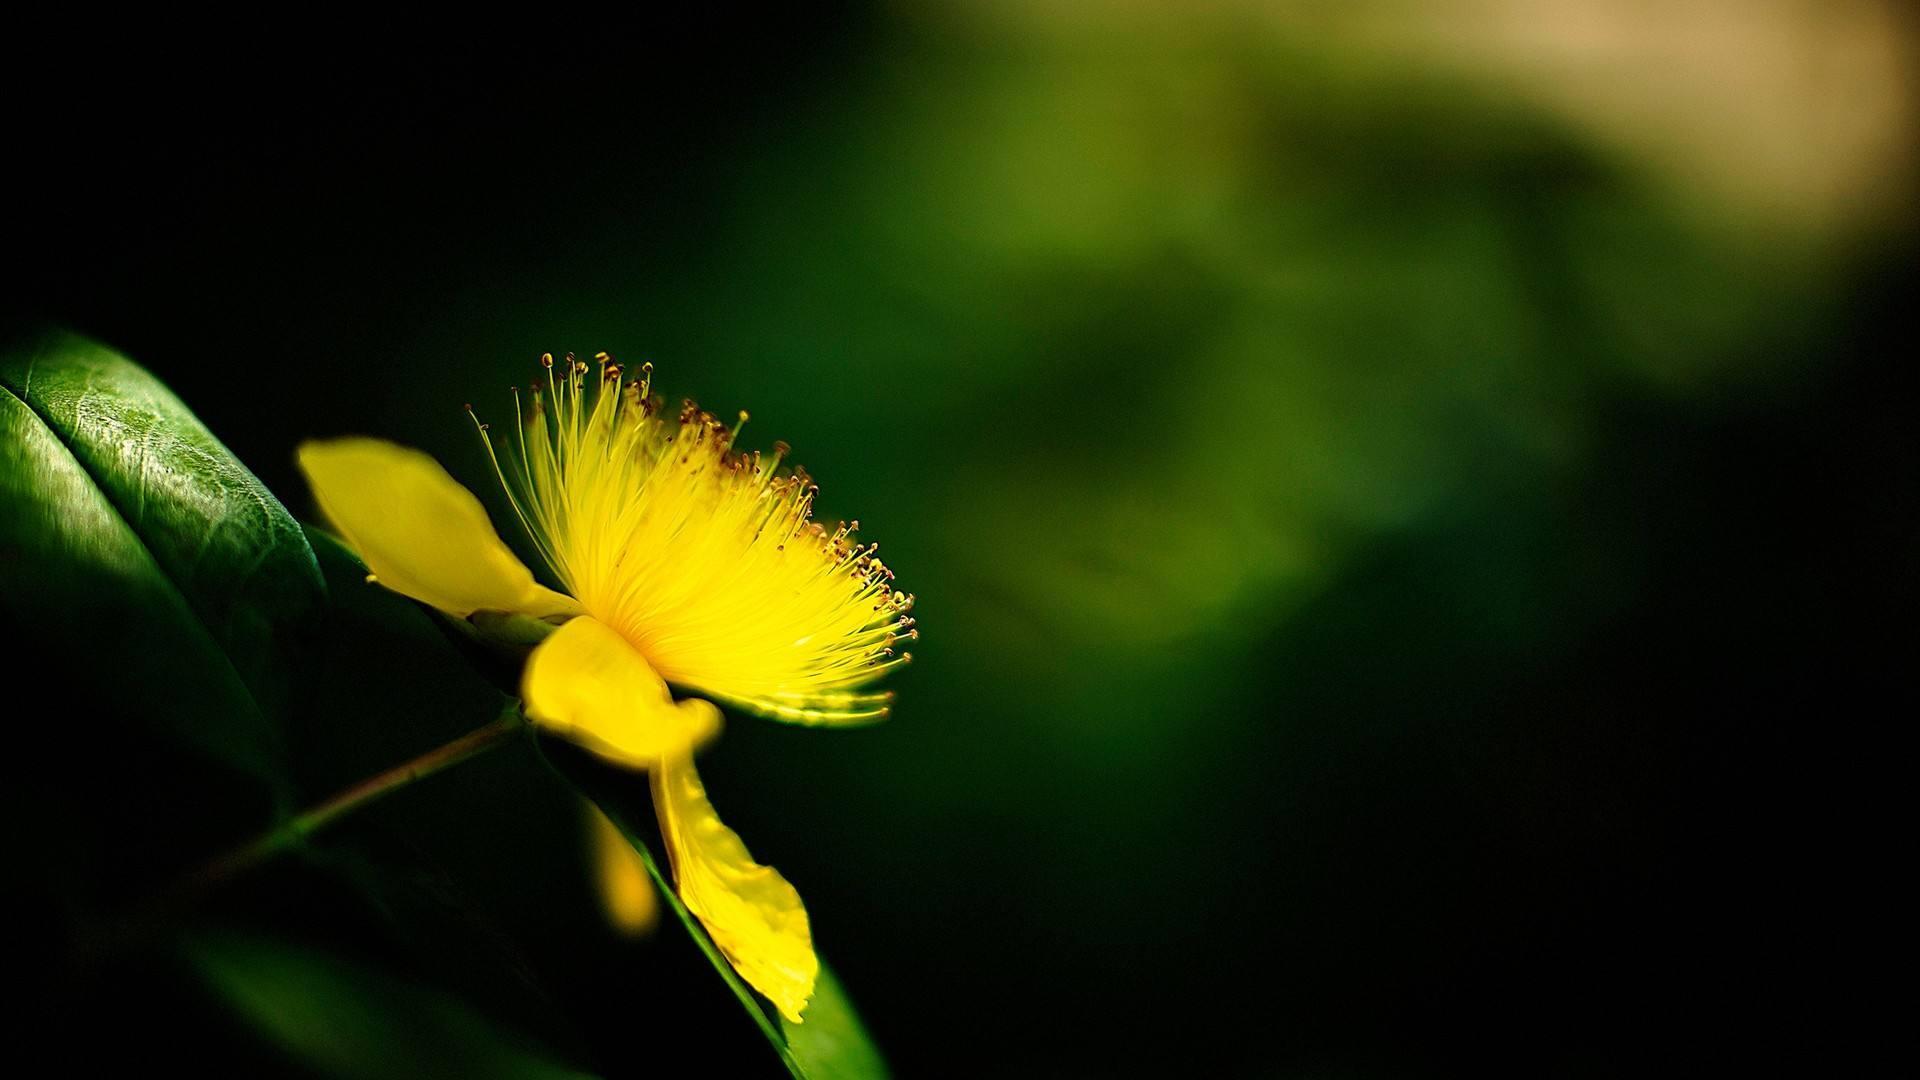 关于成长的励志经典语录:人生不为自己拼一把,将会毫无意义